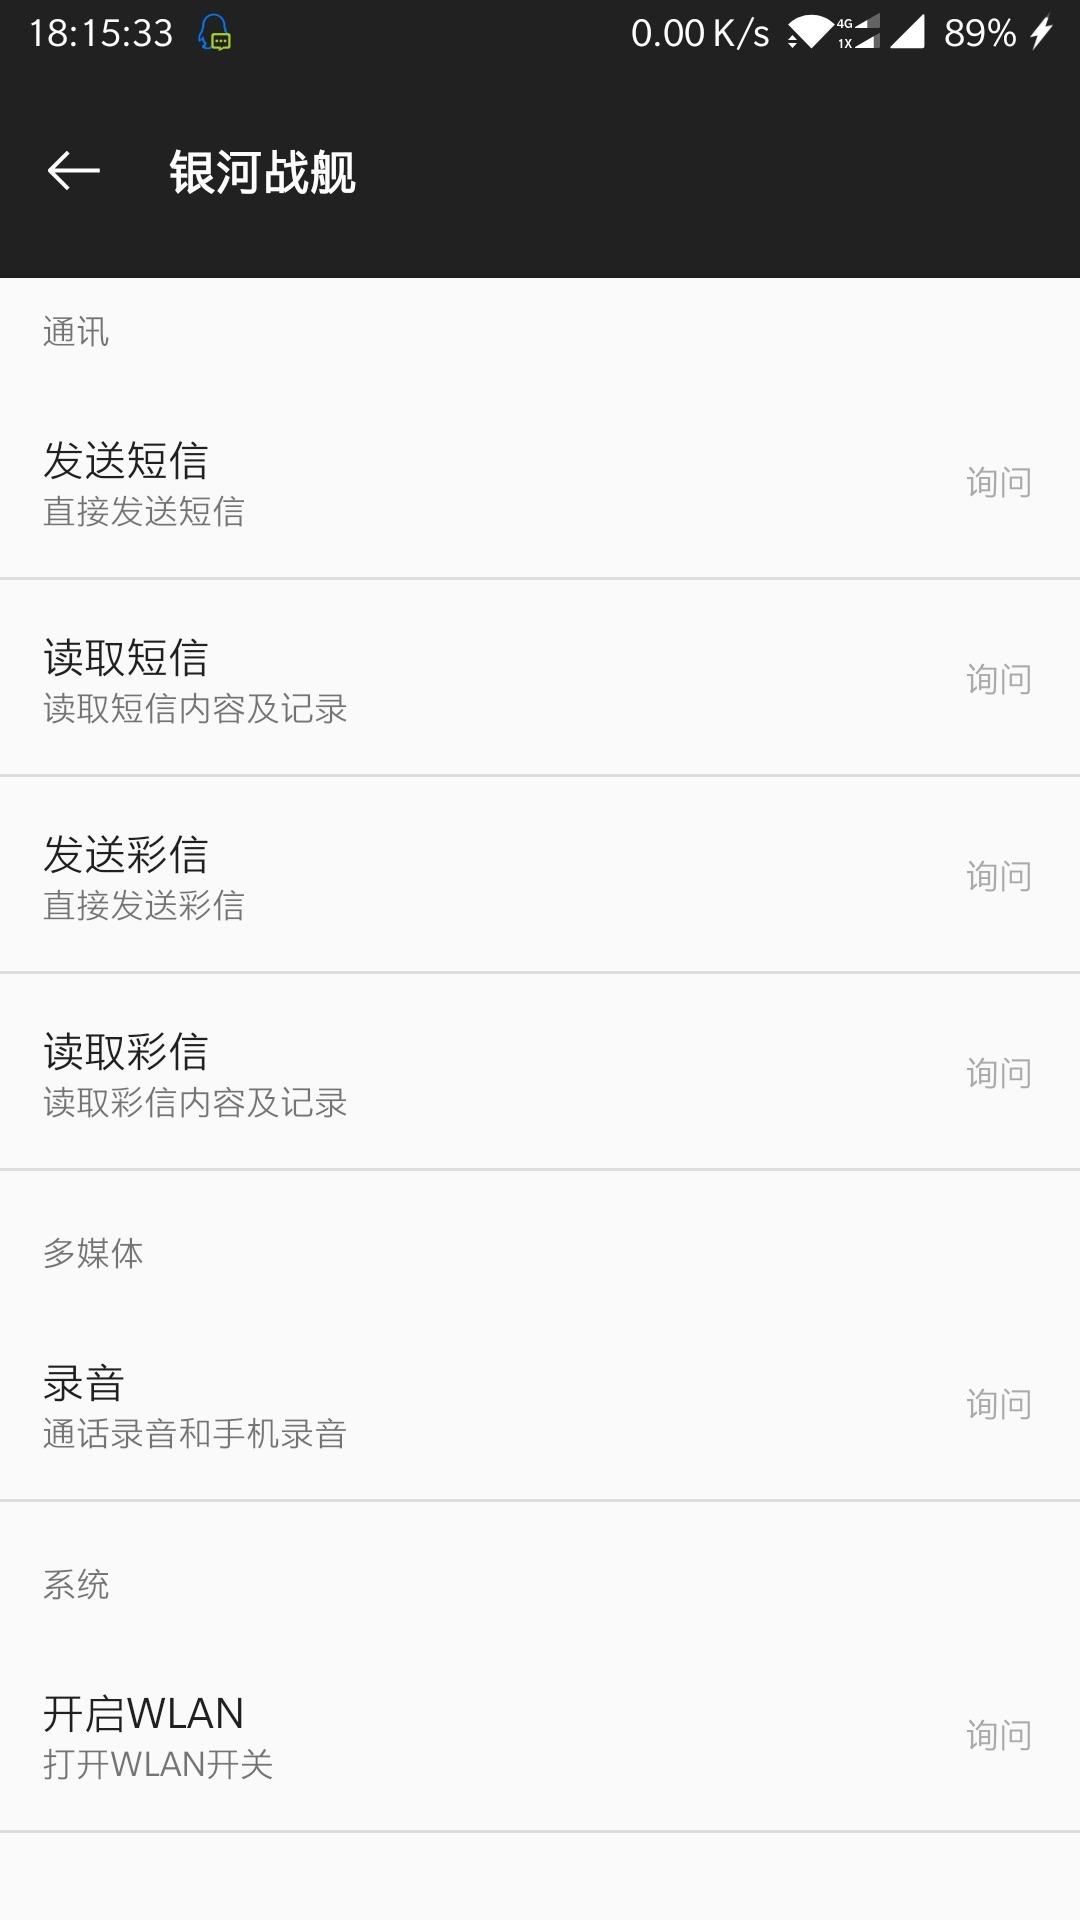 Screenshot_20190719-181534.jpg